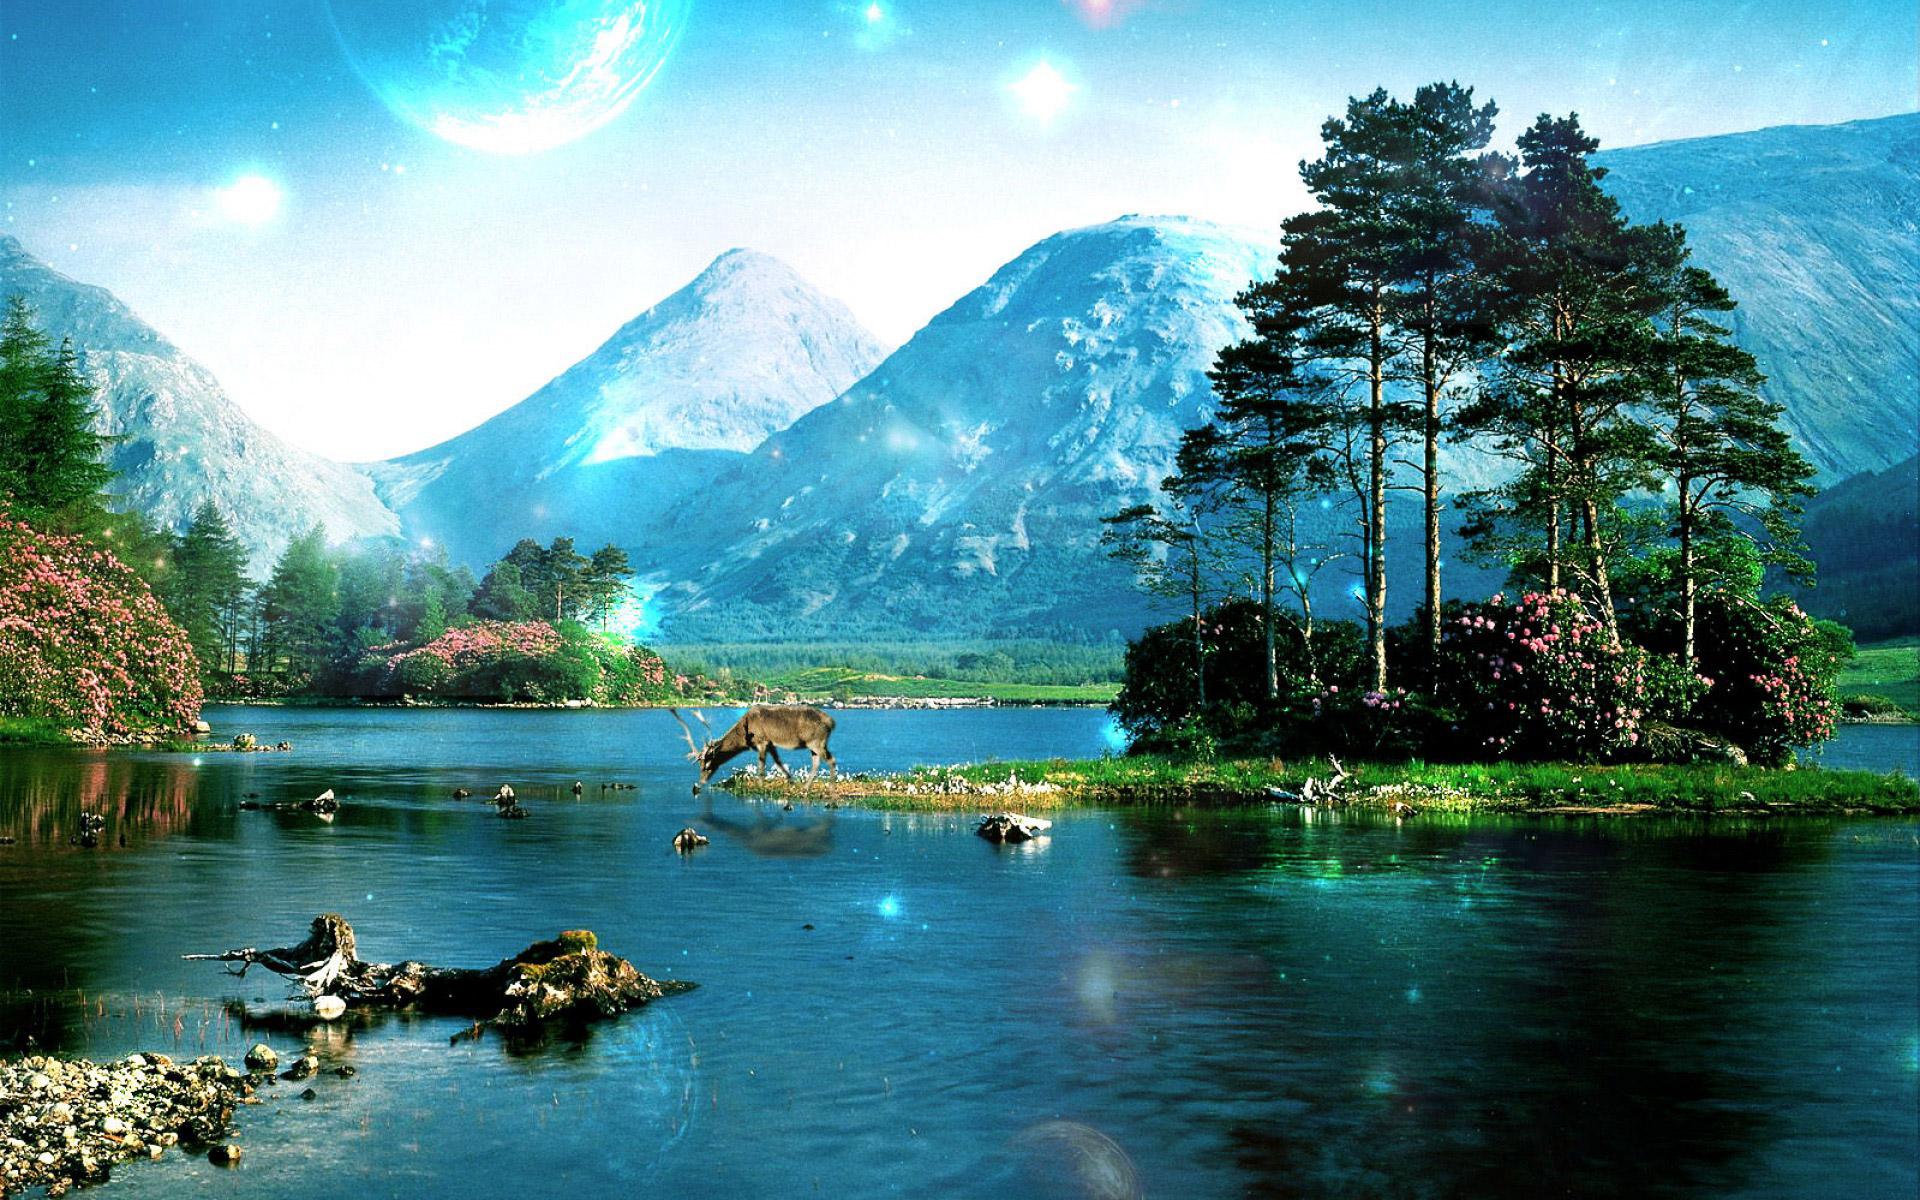 Incrível Cenário Da Natureza